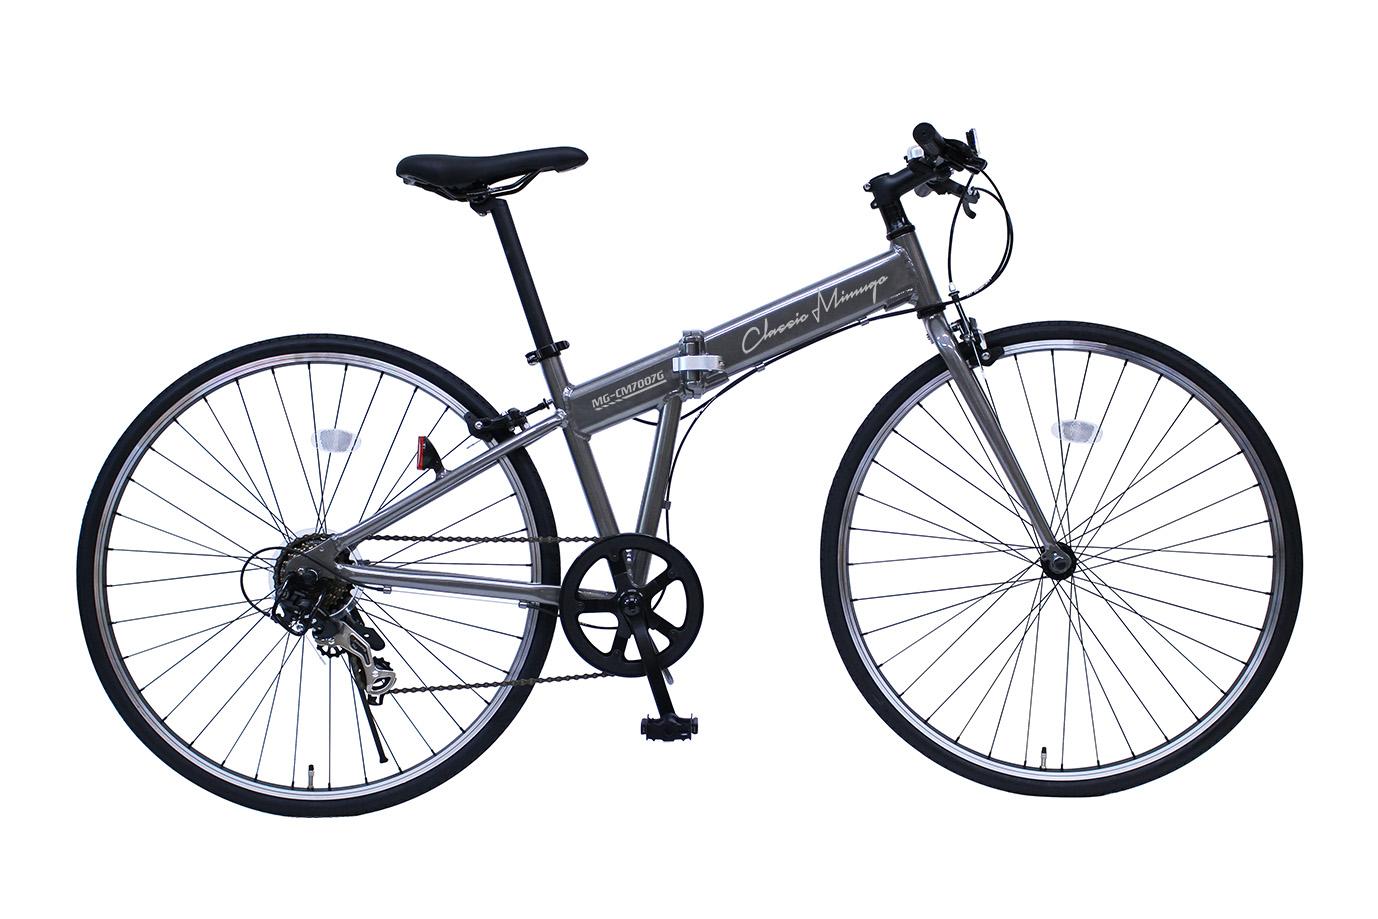 【メーカー直送のため代引き不可】【折りたたみ自転車】Classic Mimugo FDB700C 折りたたみクロスバイク 7段変速 MG-CM7007G